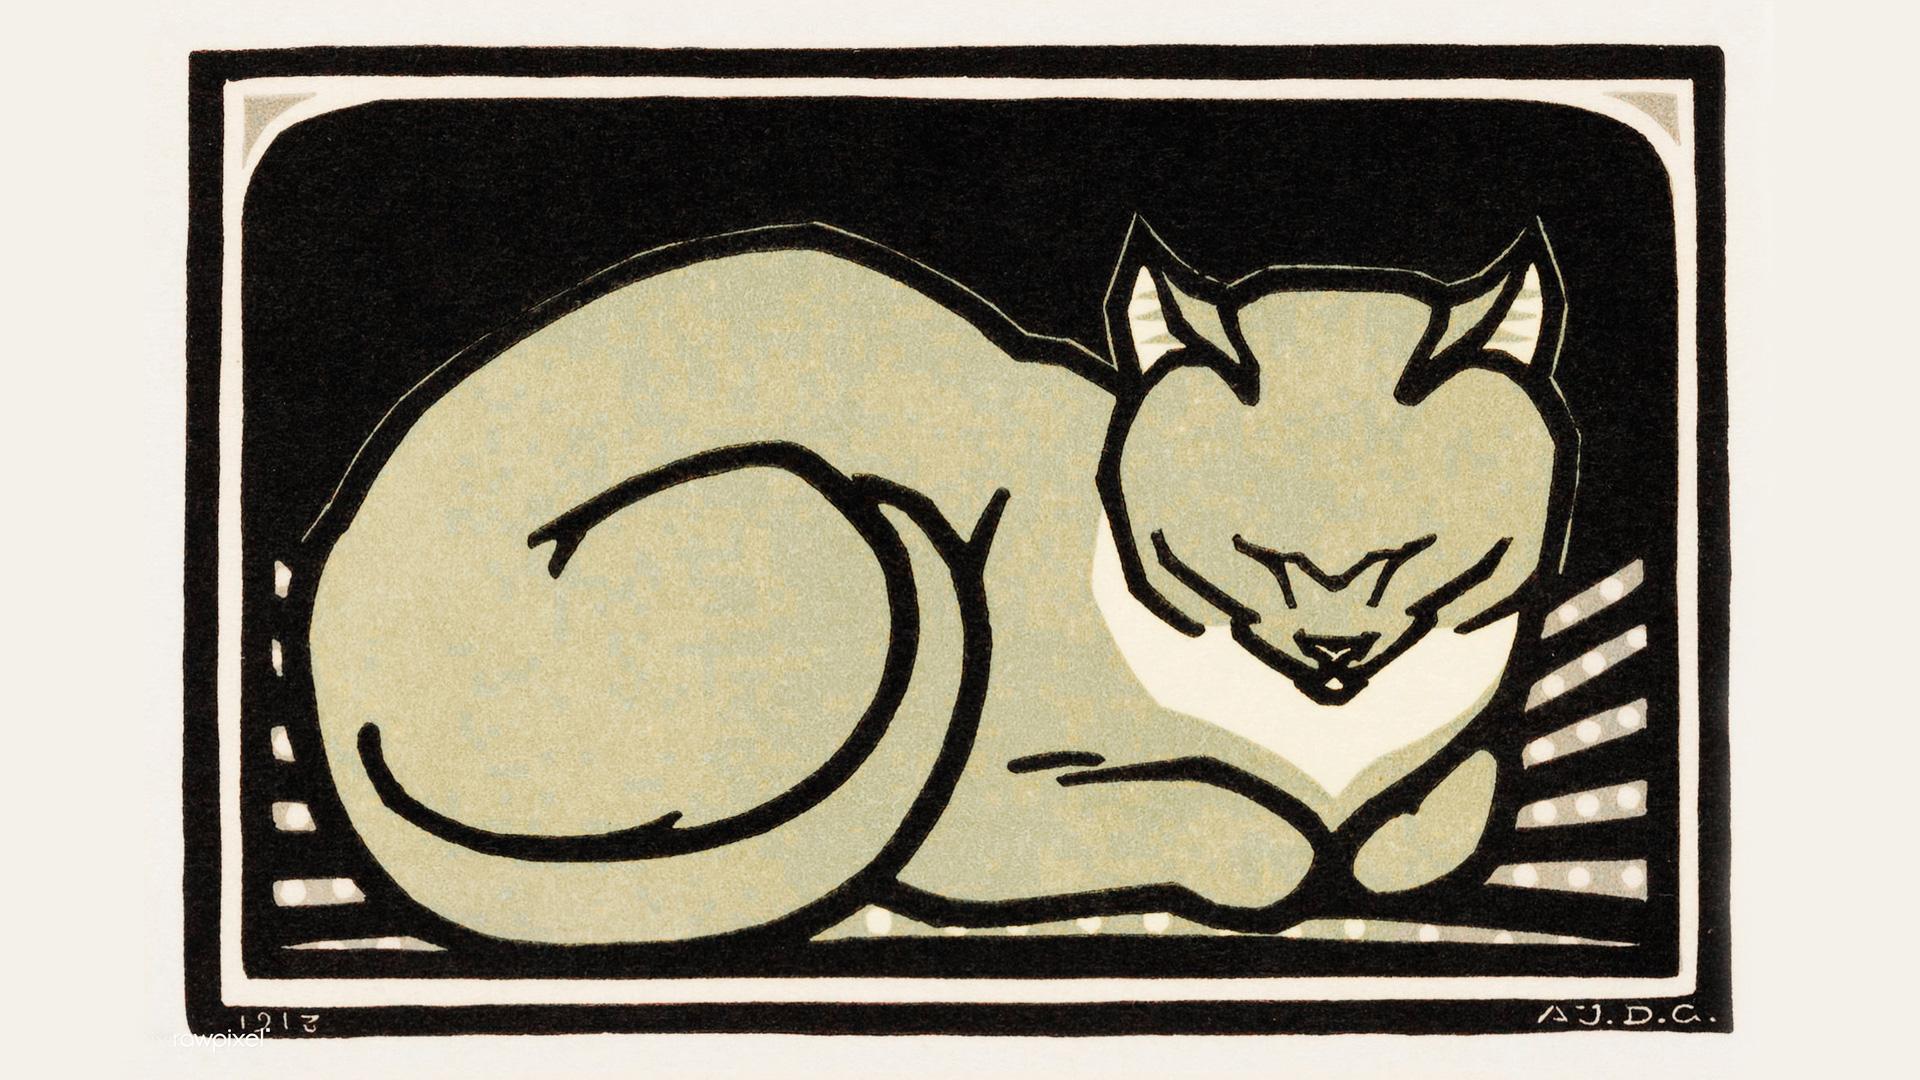 """Los jefes de todo esto - Imagen """"Sleeping Cat"""" de Julie de Graag (1877-1924). Original del Rijks Museum, digitalizada por rawpixel."""